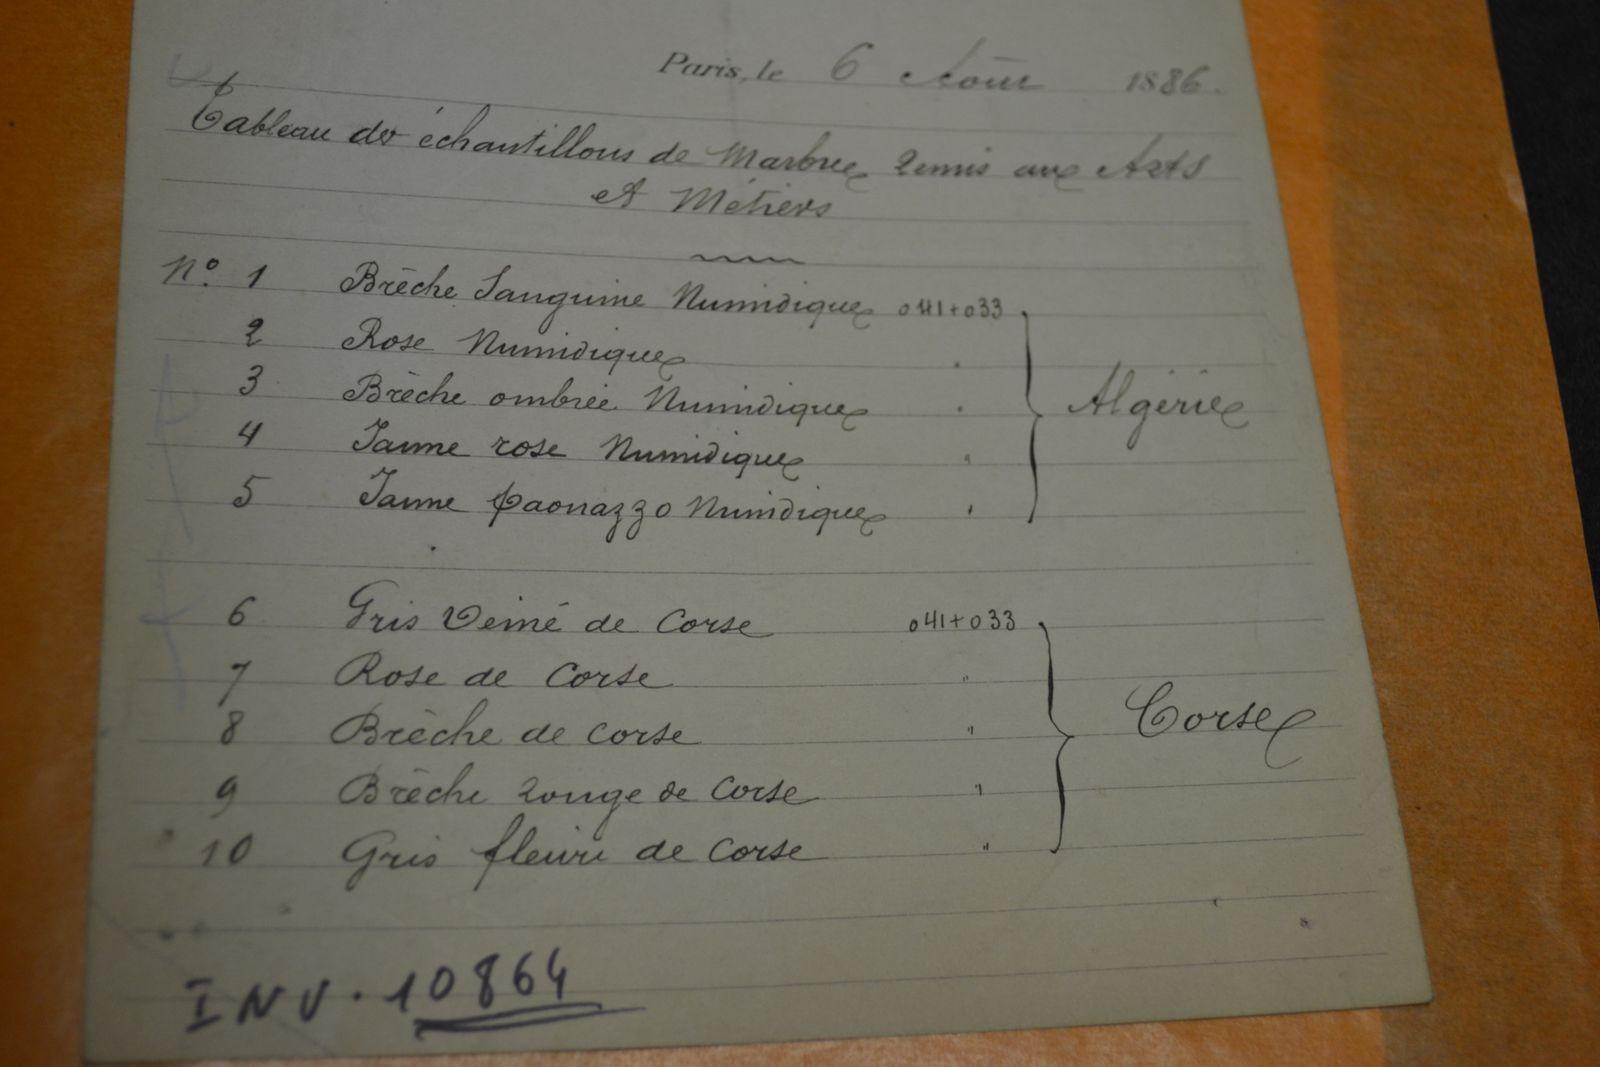 Liste des échantillons de marbres d'Algérie et de Corse transmis au Musée des Arts et Métiers